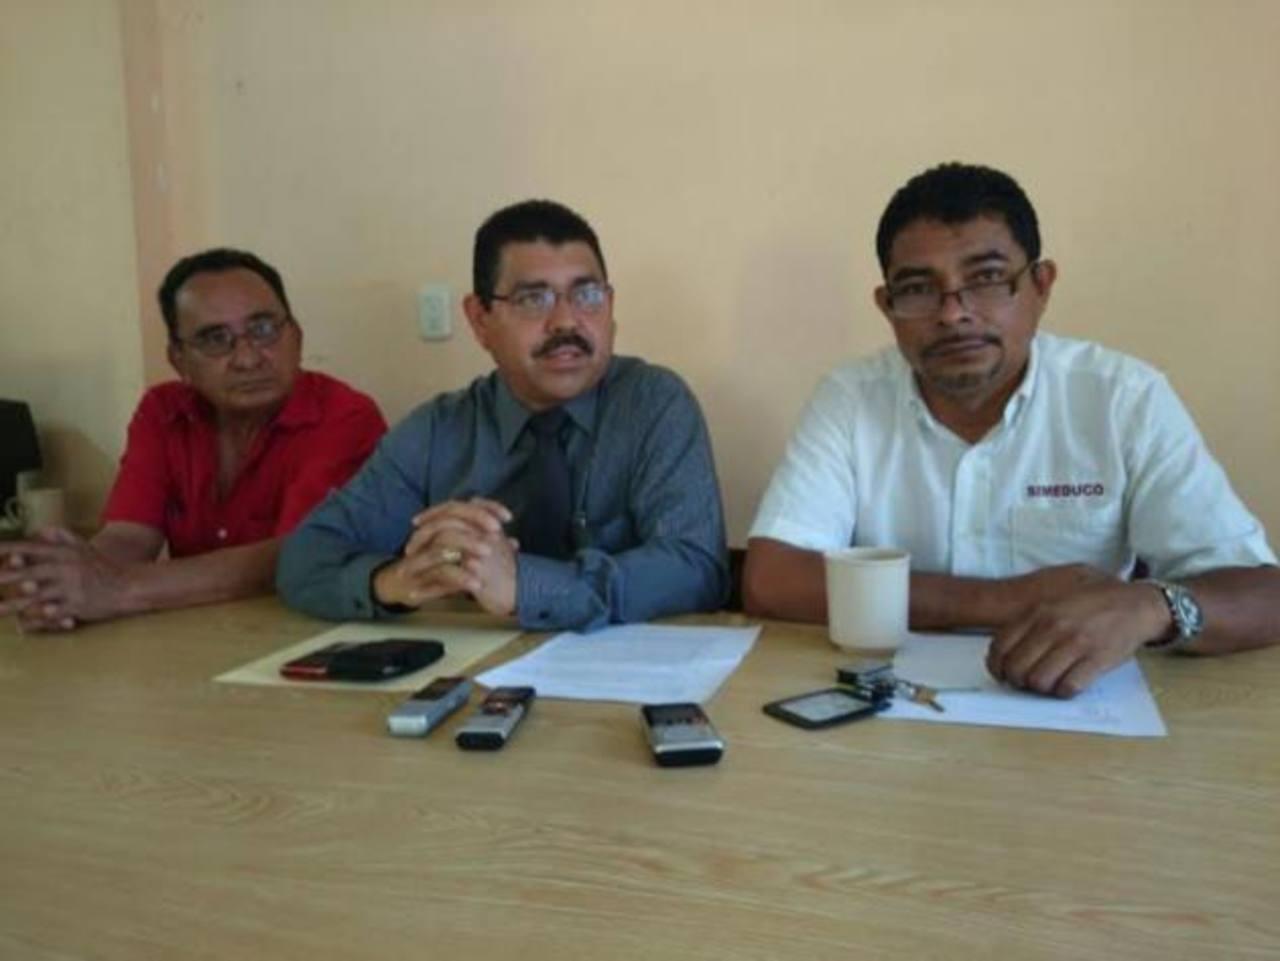 Representantes de Simeduco durante una conferencia de prensa en la que anunciaron una marcha para el 30 de septiembre.